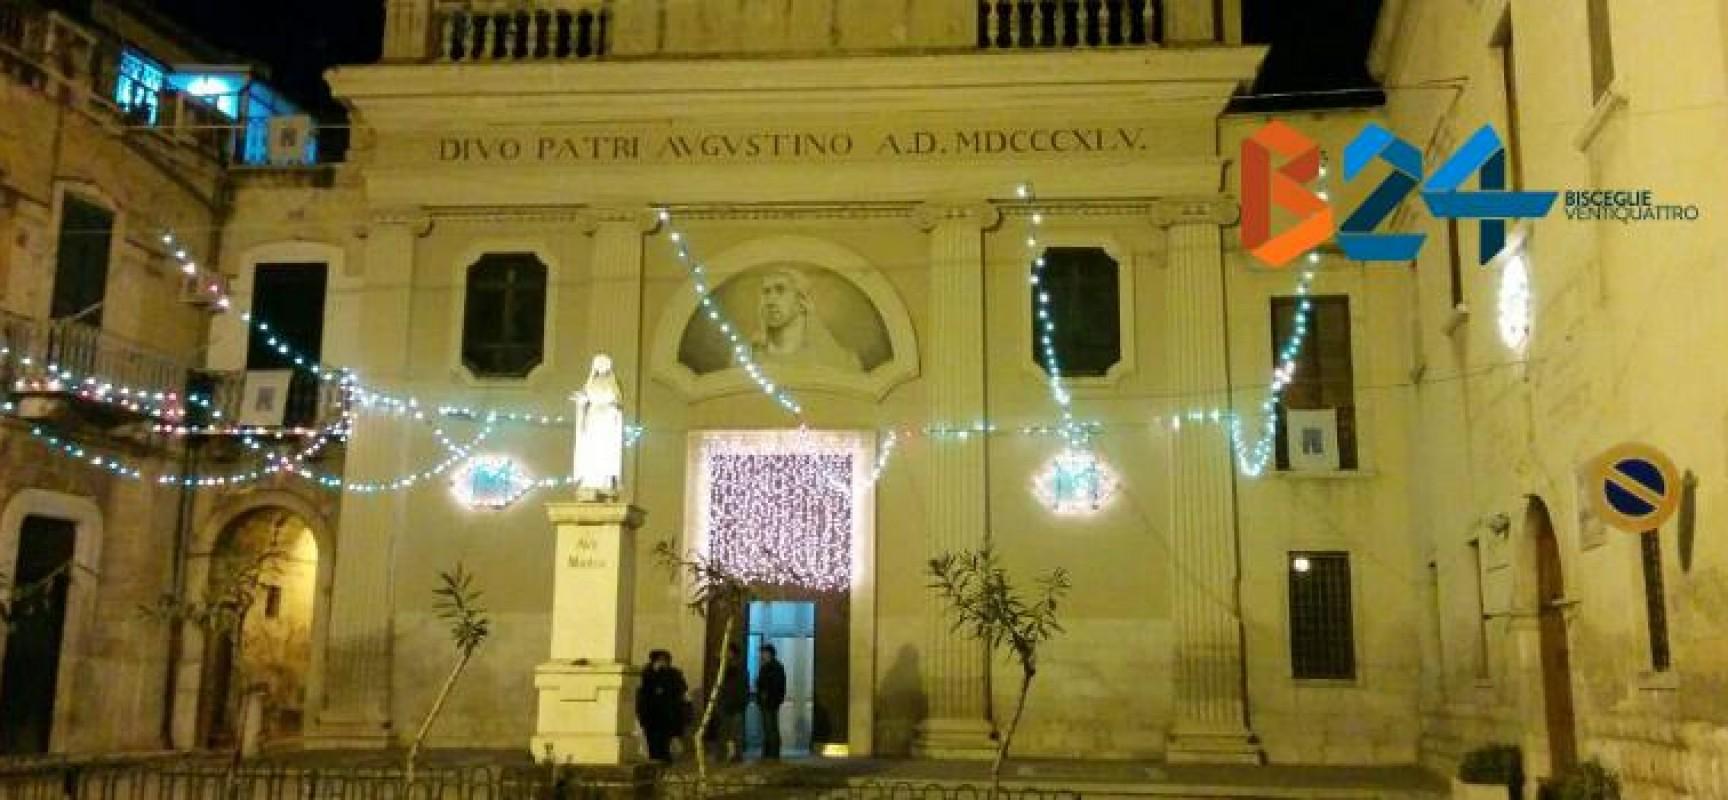 Viaggio nelle parrocchie, Don Stefano Montarone racconta difficoltà e iniziative di Sant'Agostino